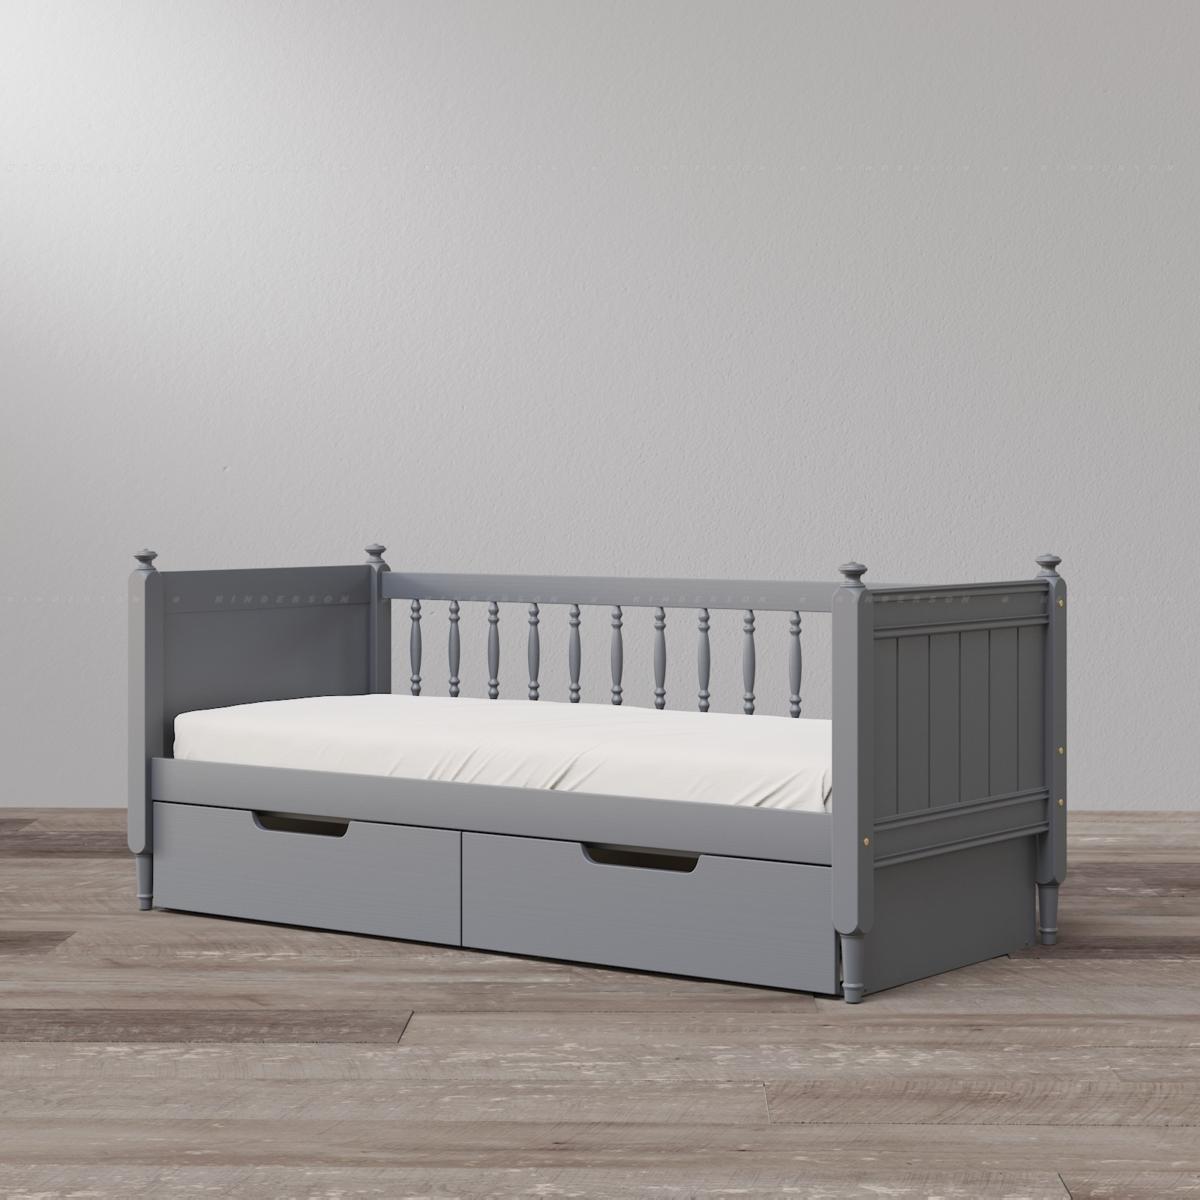 Кровать-софа Diamond со встроенными ящиками (опция). Цвет серый (ral 7024)